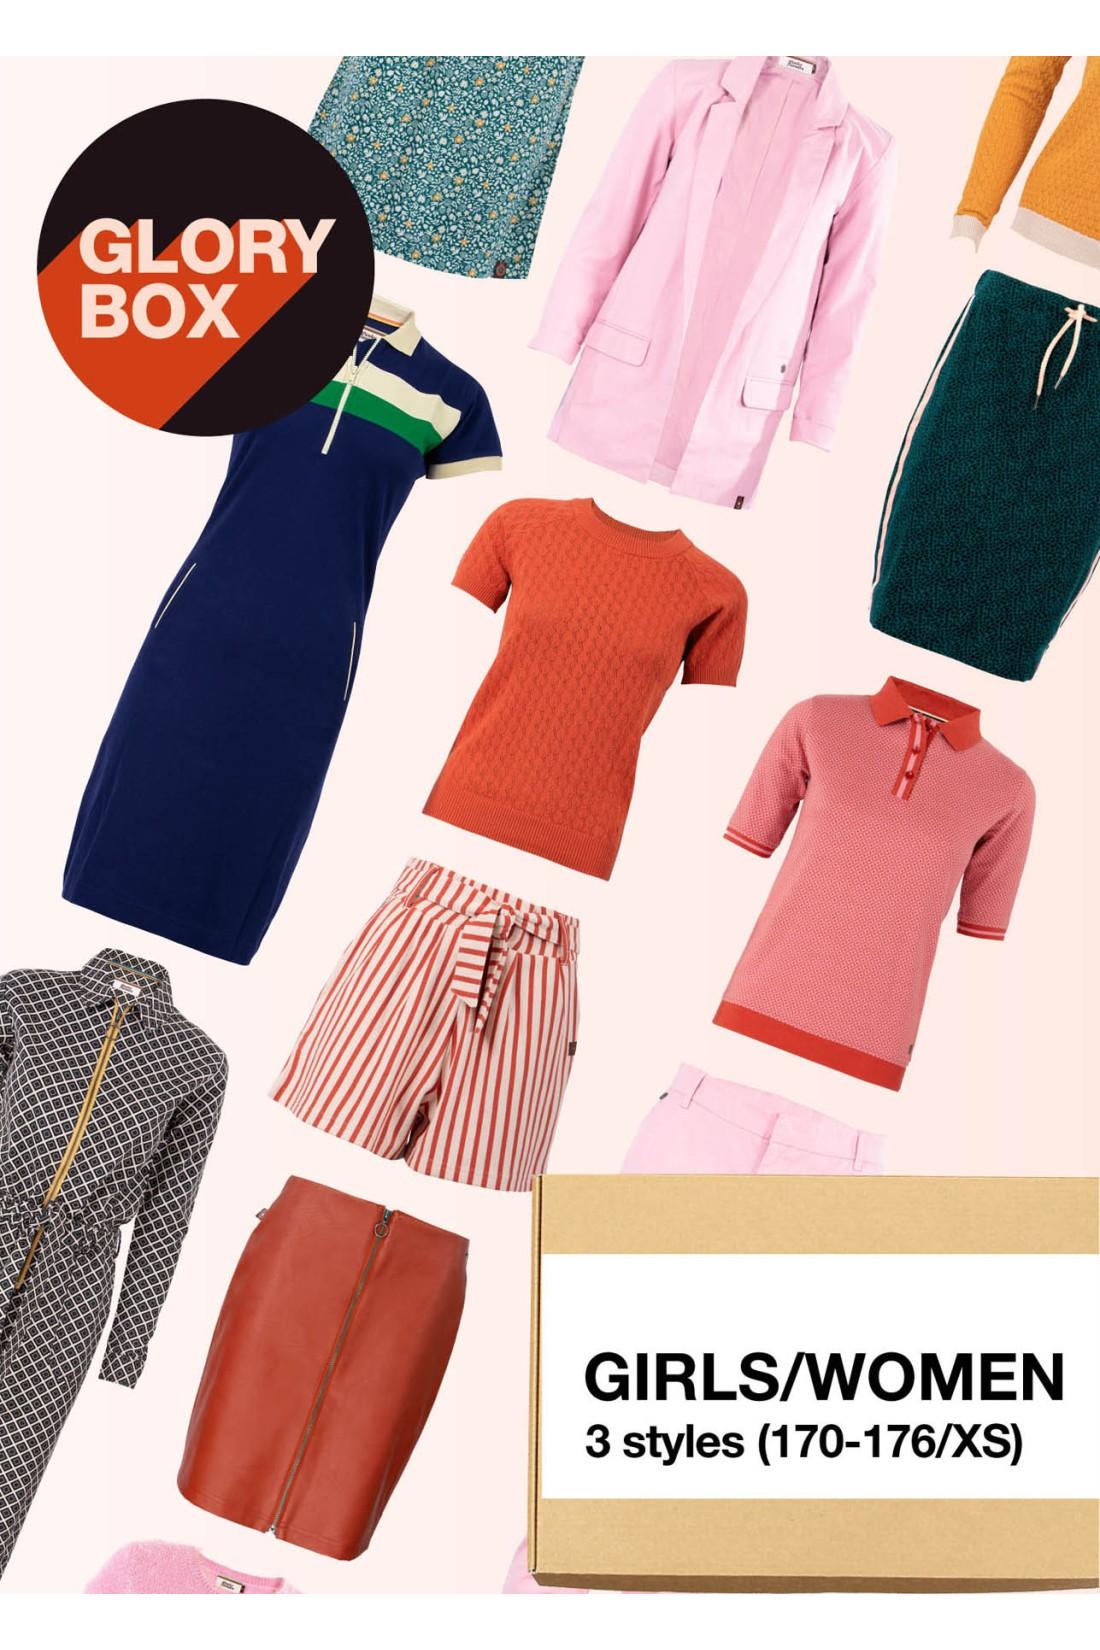 Surprise Box Women - GLORY BOX - 3 Styles XS - 170/176